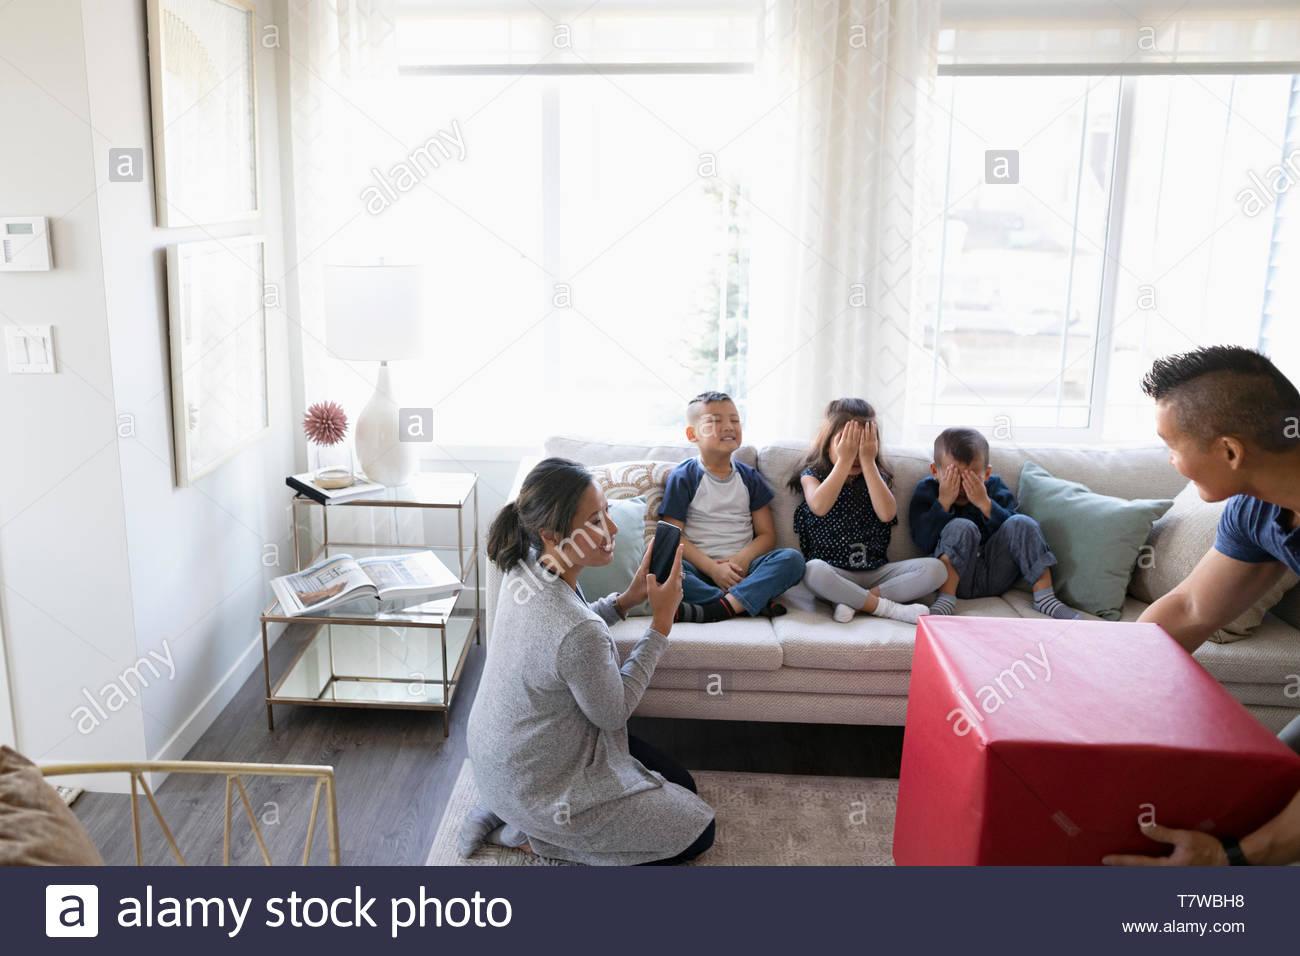 Los padres de niños con regalo sorprendente en el salón Imagen De Stock